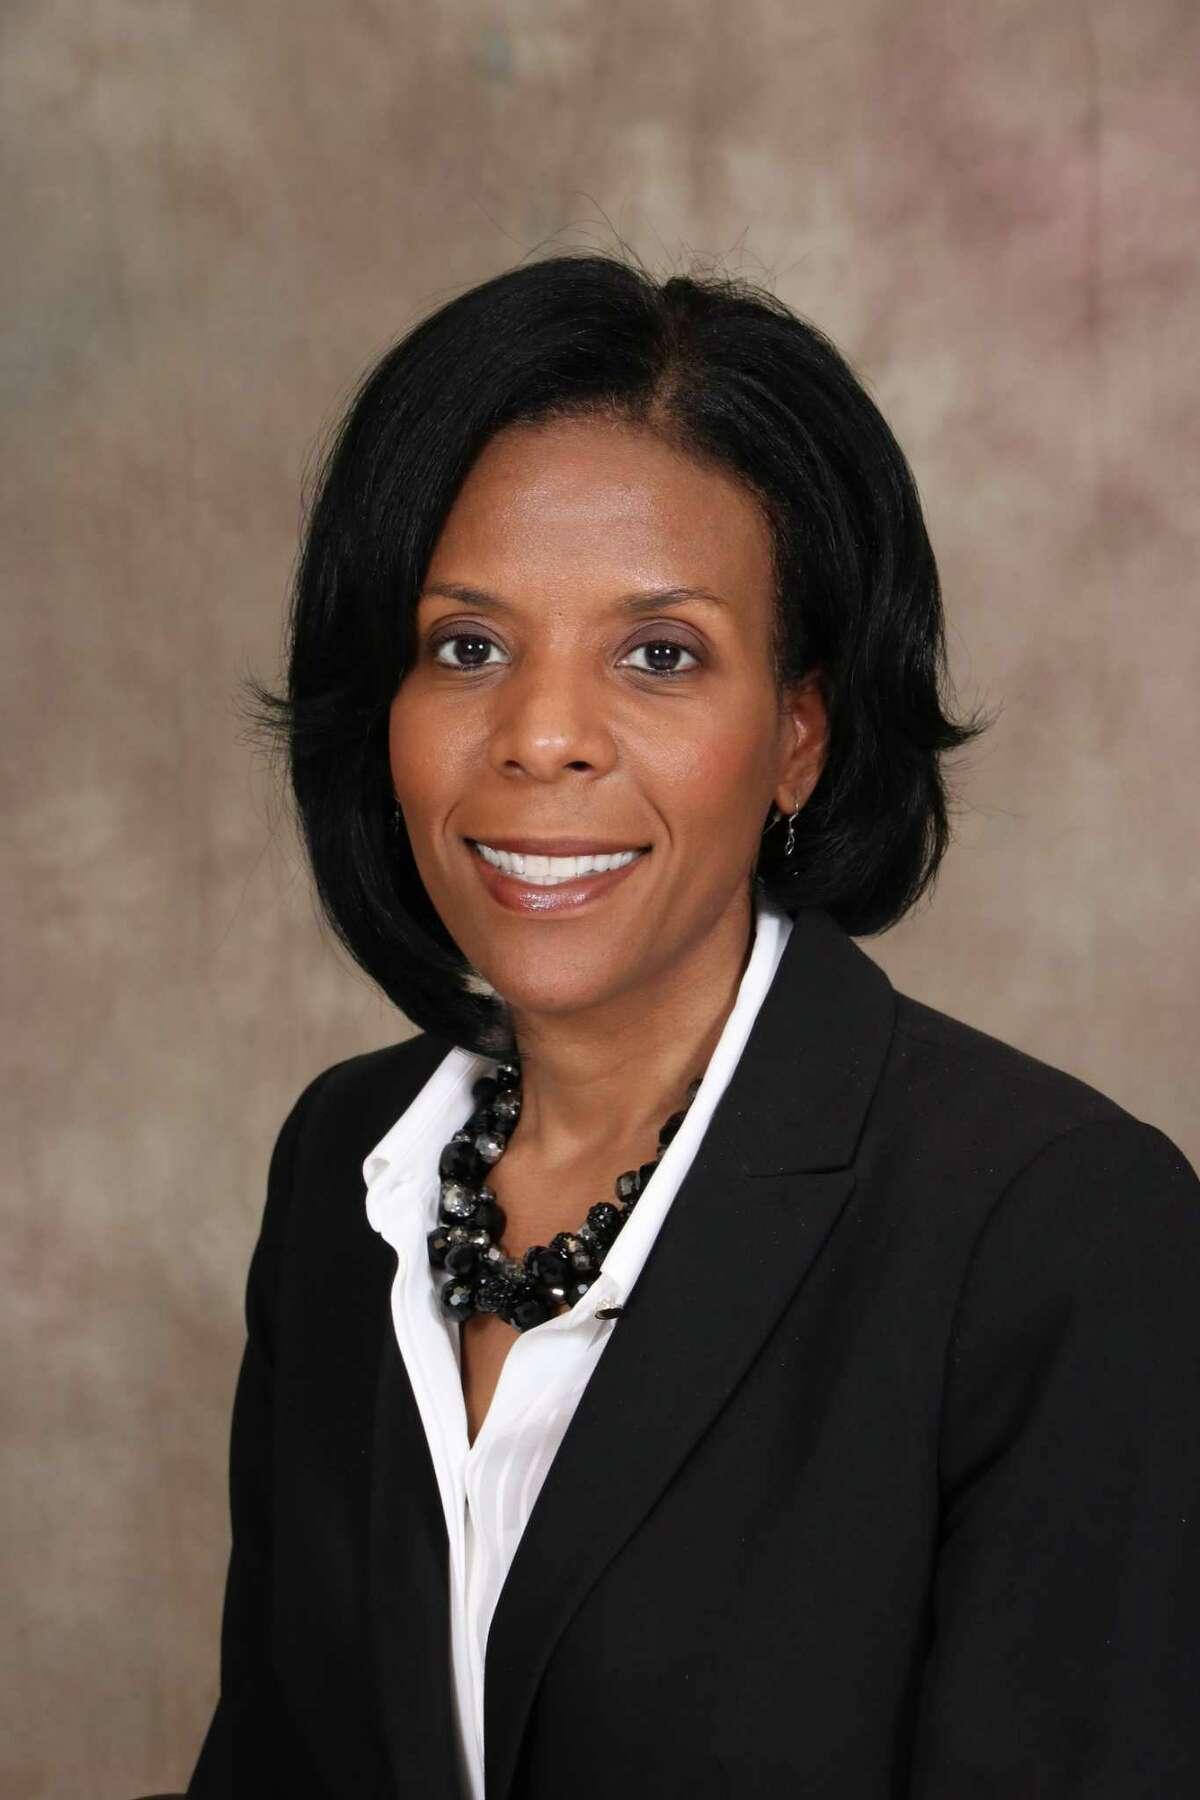 BISD Superintendent Shannon Allen